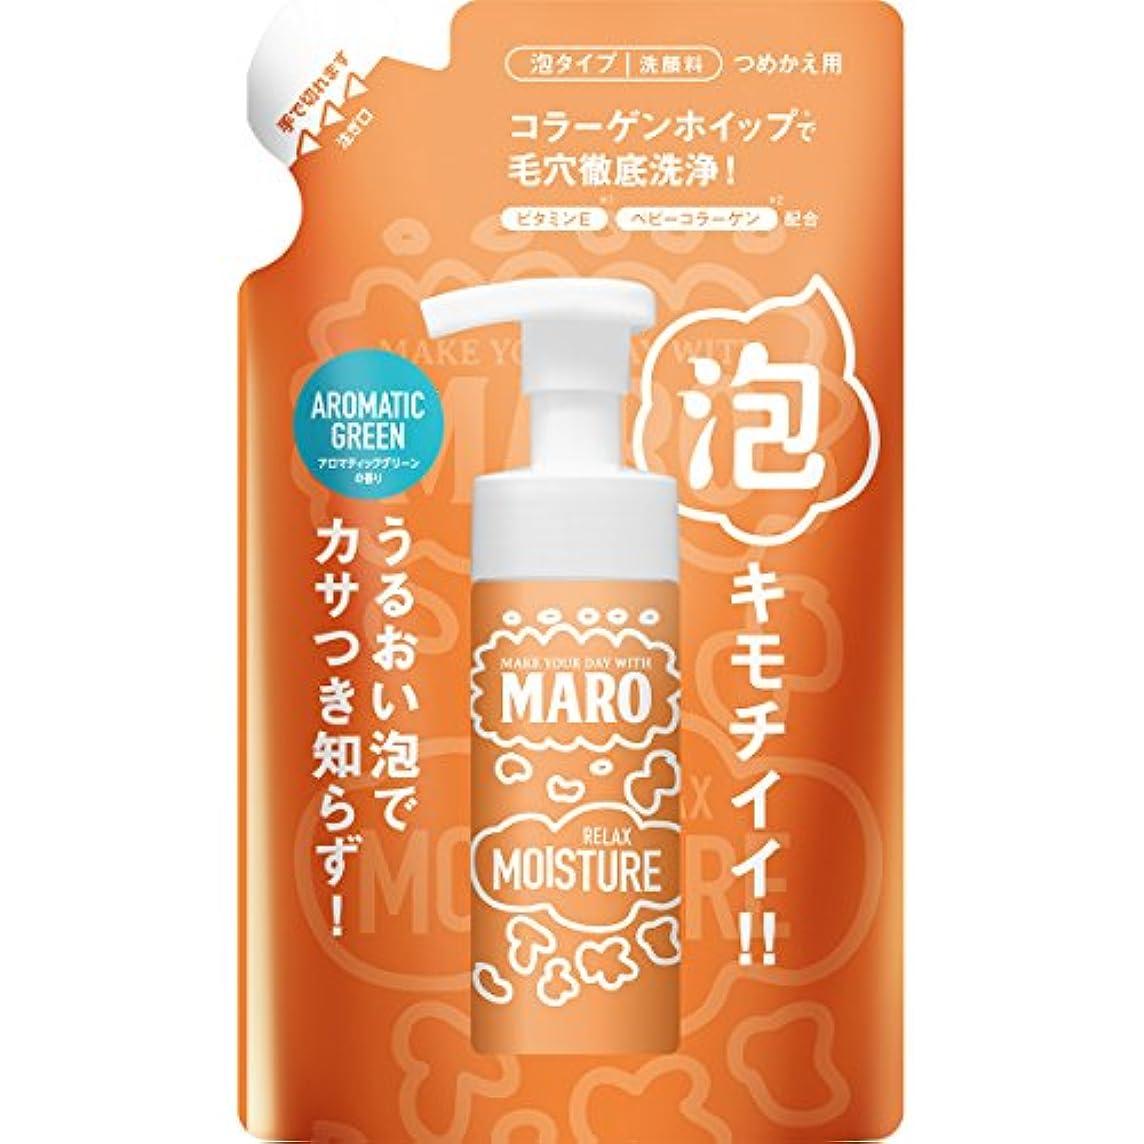 扱うアニメーション法令MARO グルーヴィー 泡洗顔 詰め替え リラックスモイスチャー 130ml